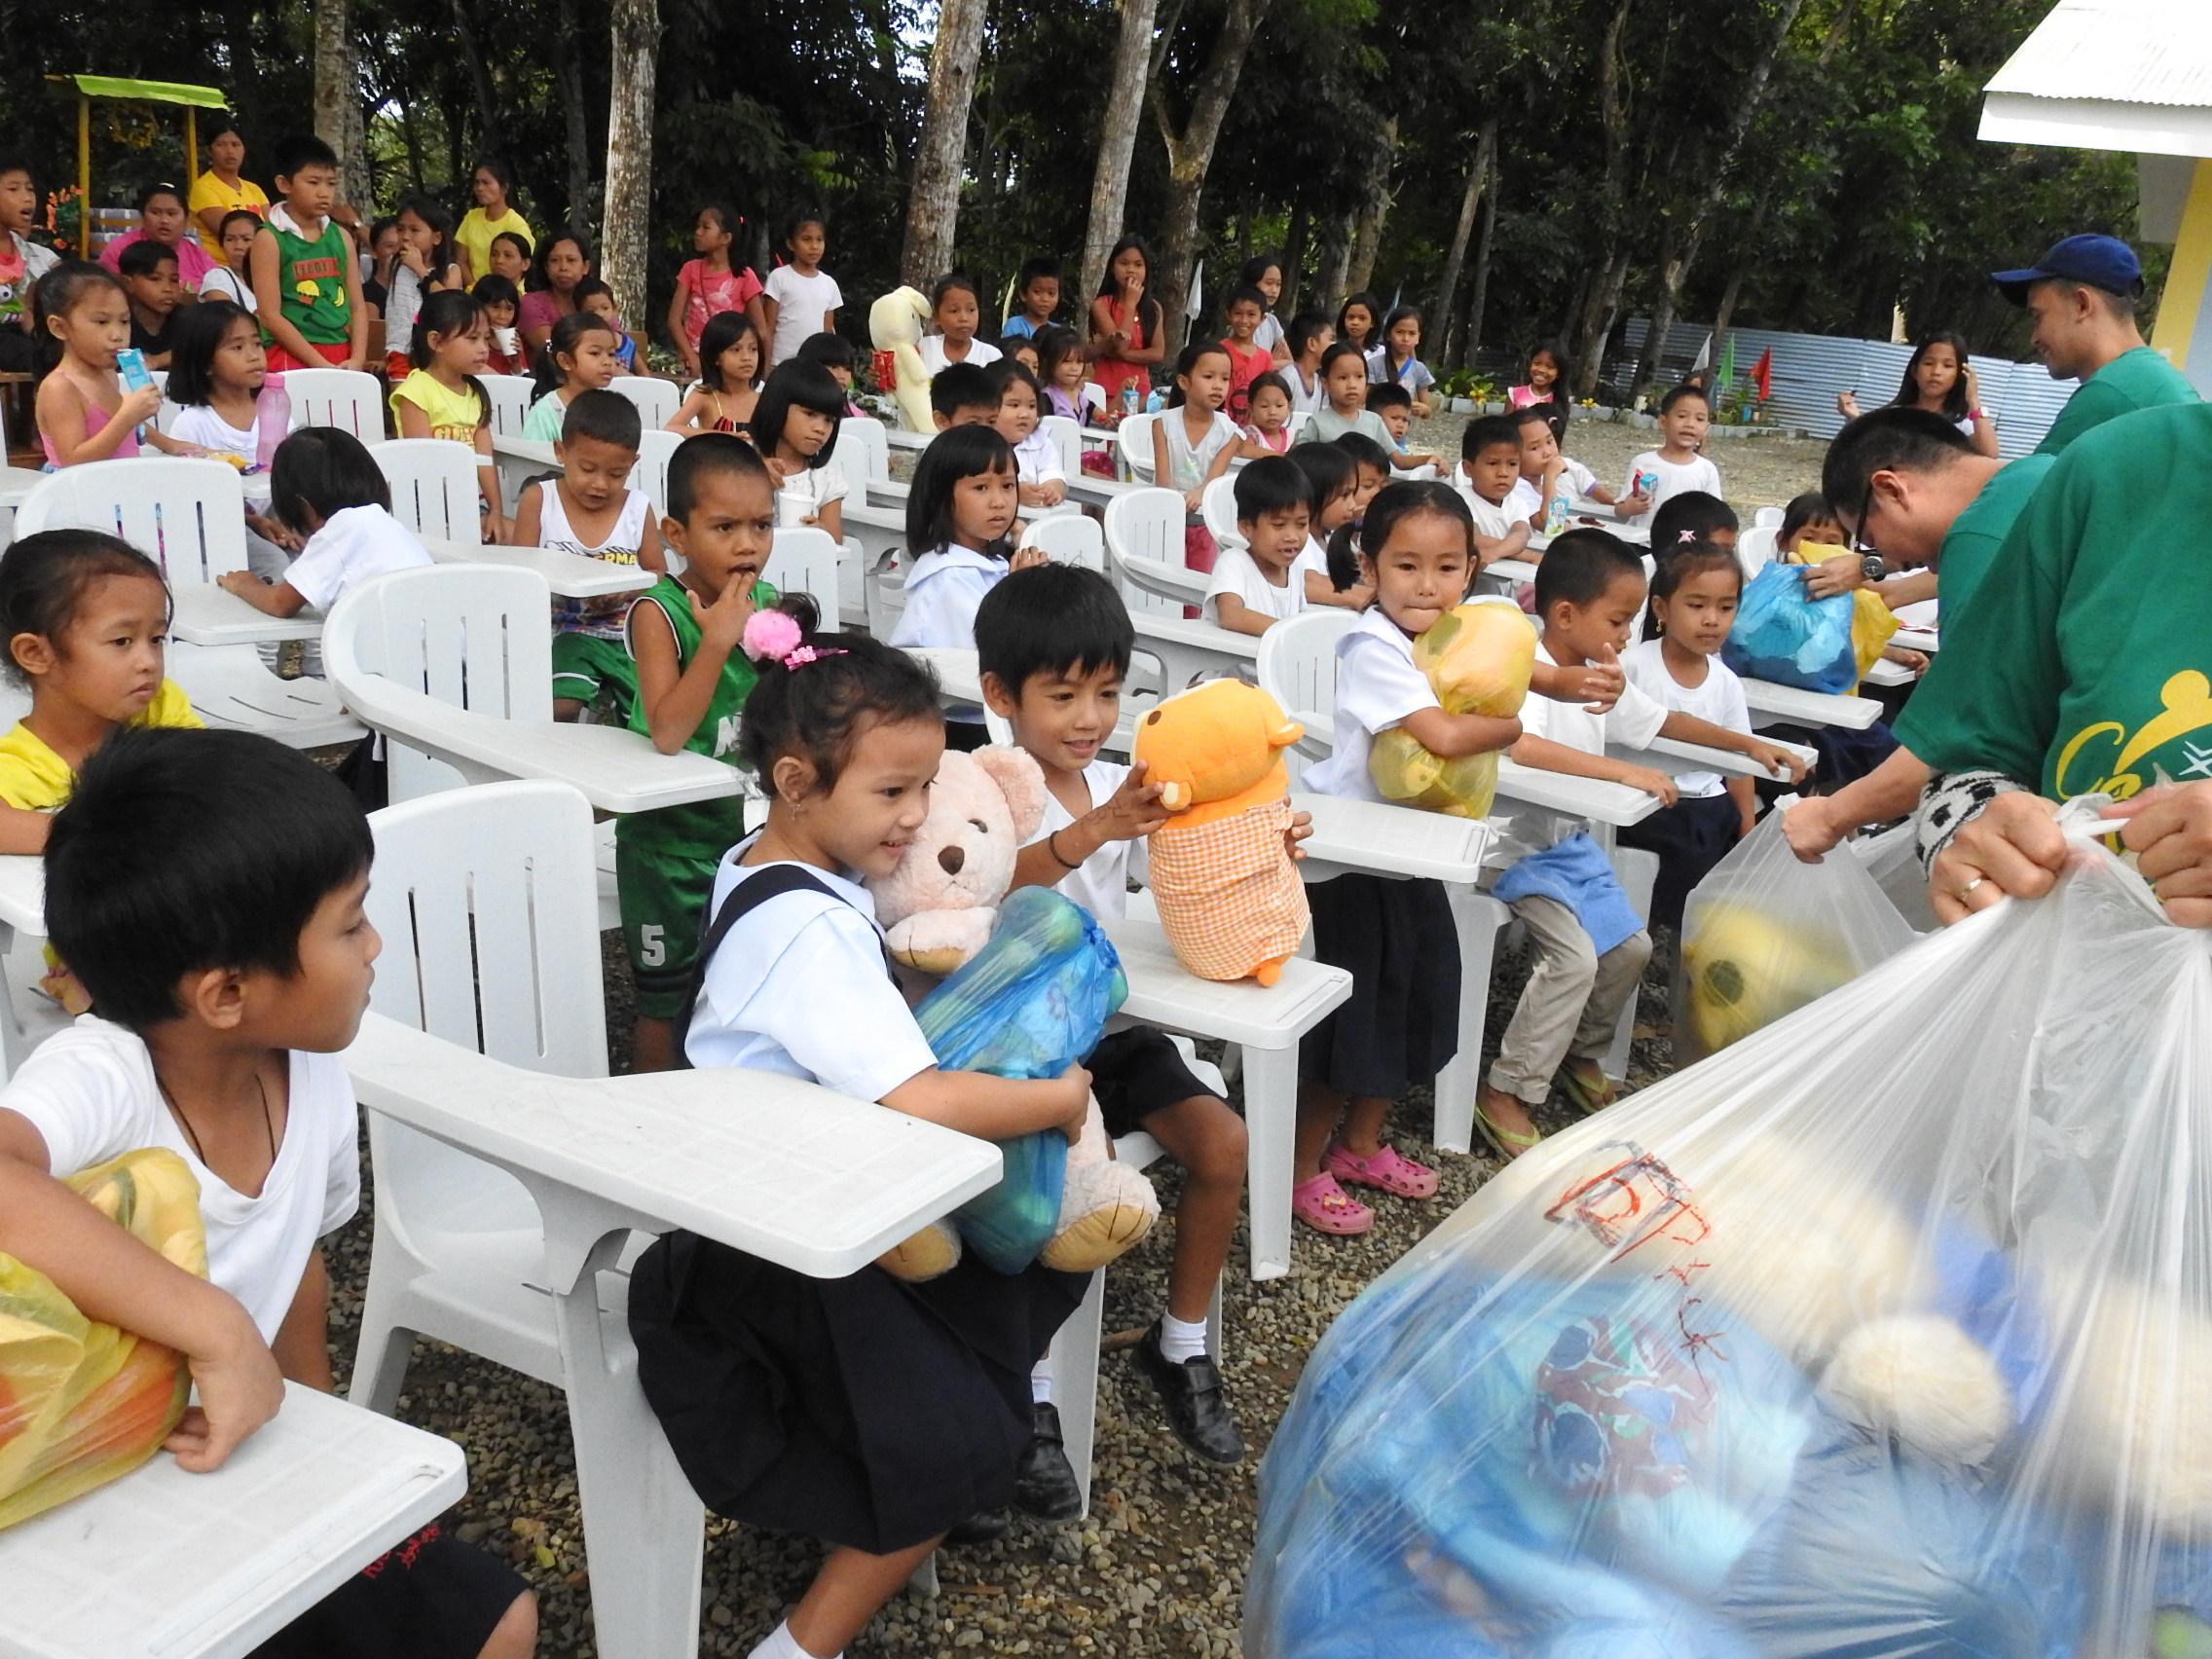 衣類や玩具などを渡された子供たち